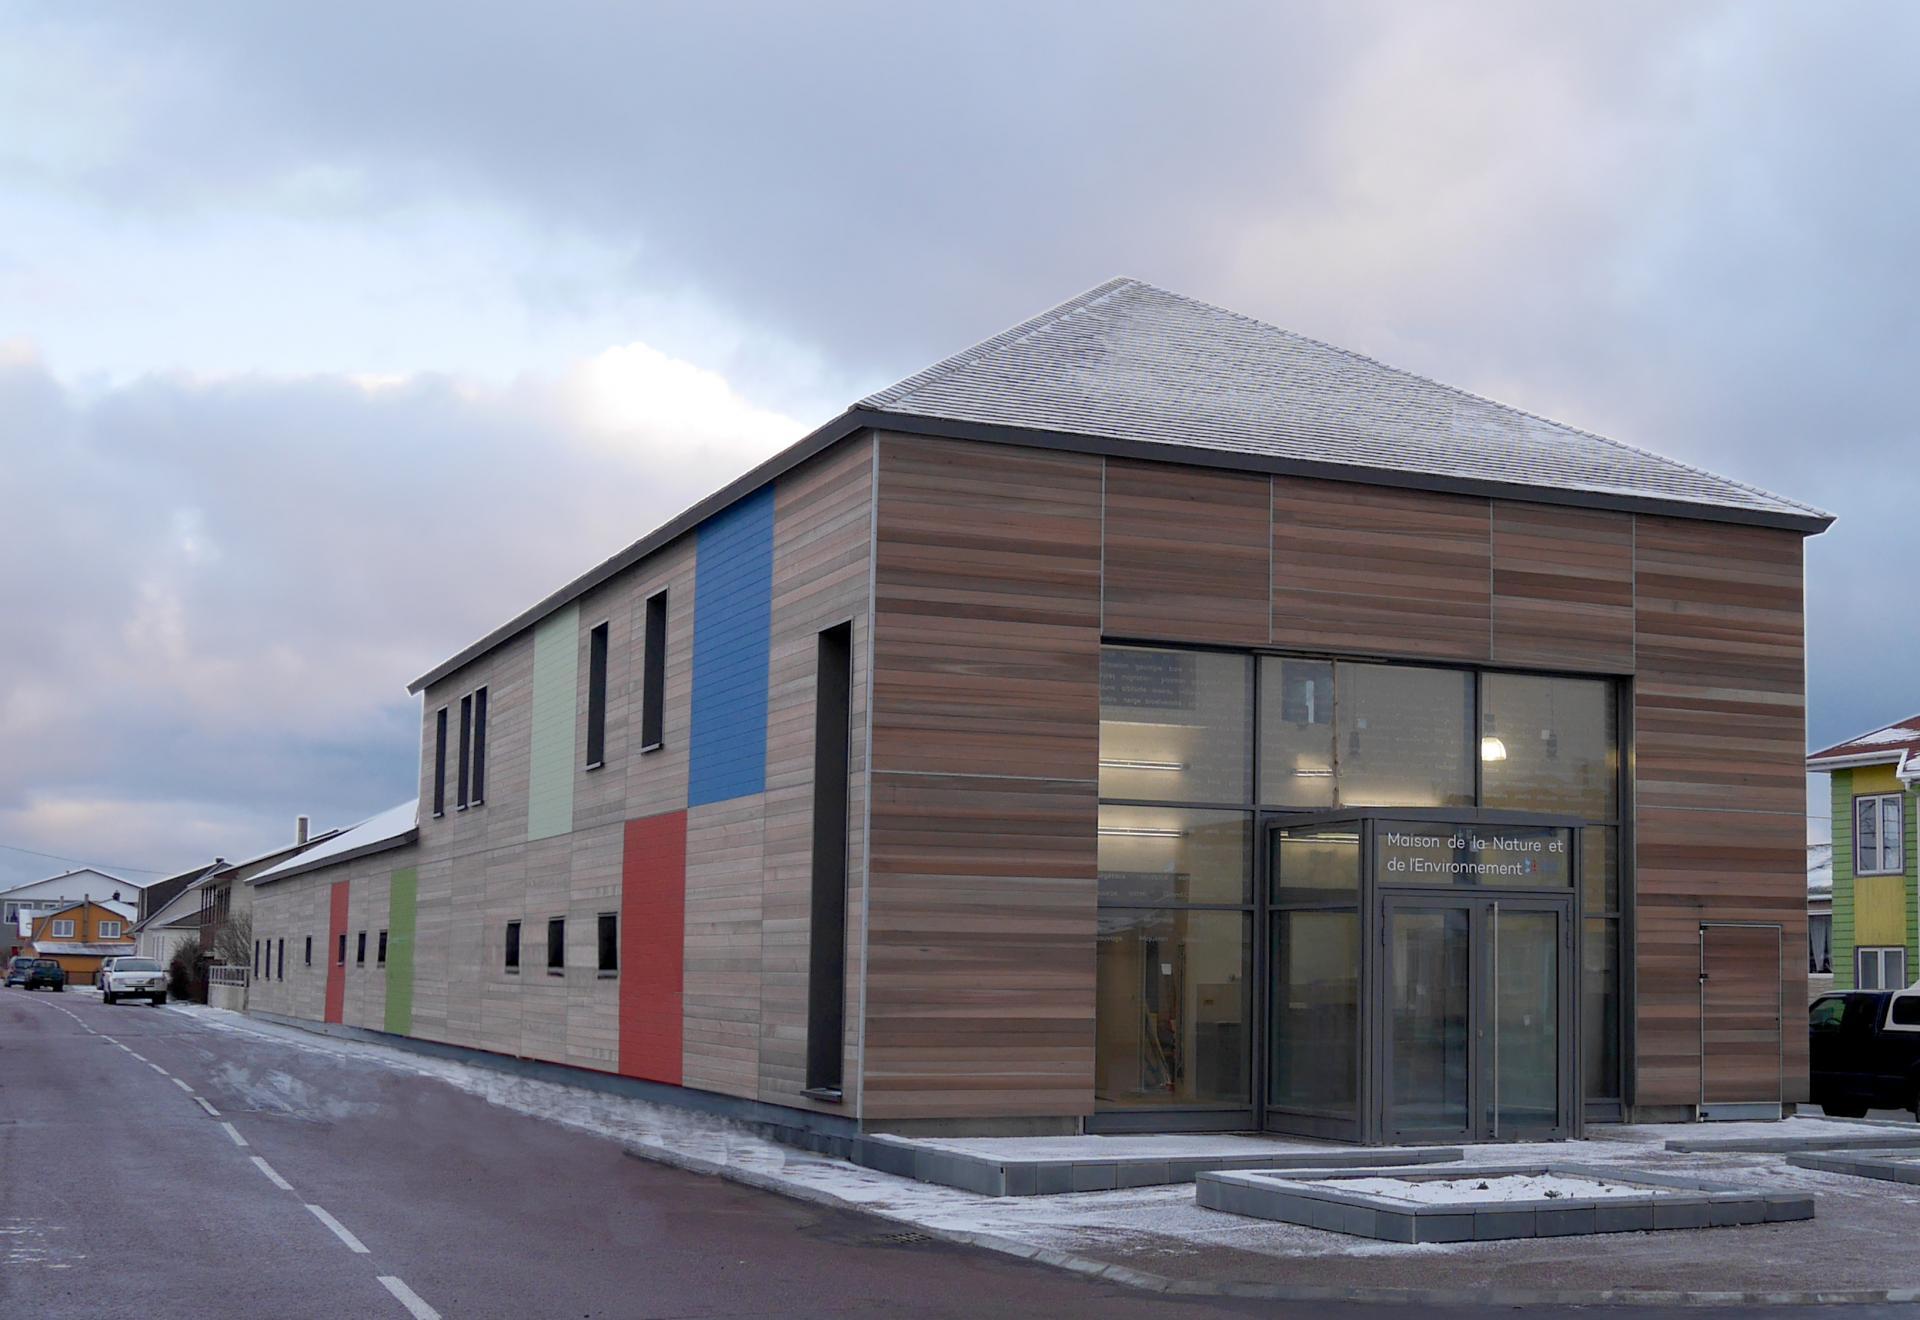 Maison de la Nature et de l'Environnement à Miquelon